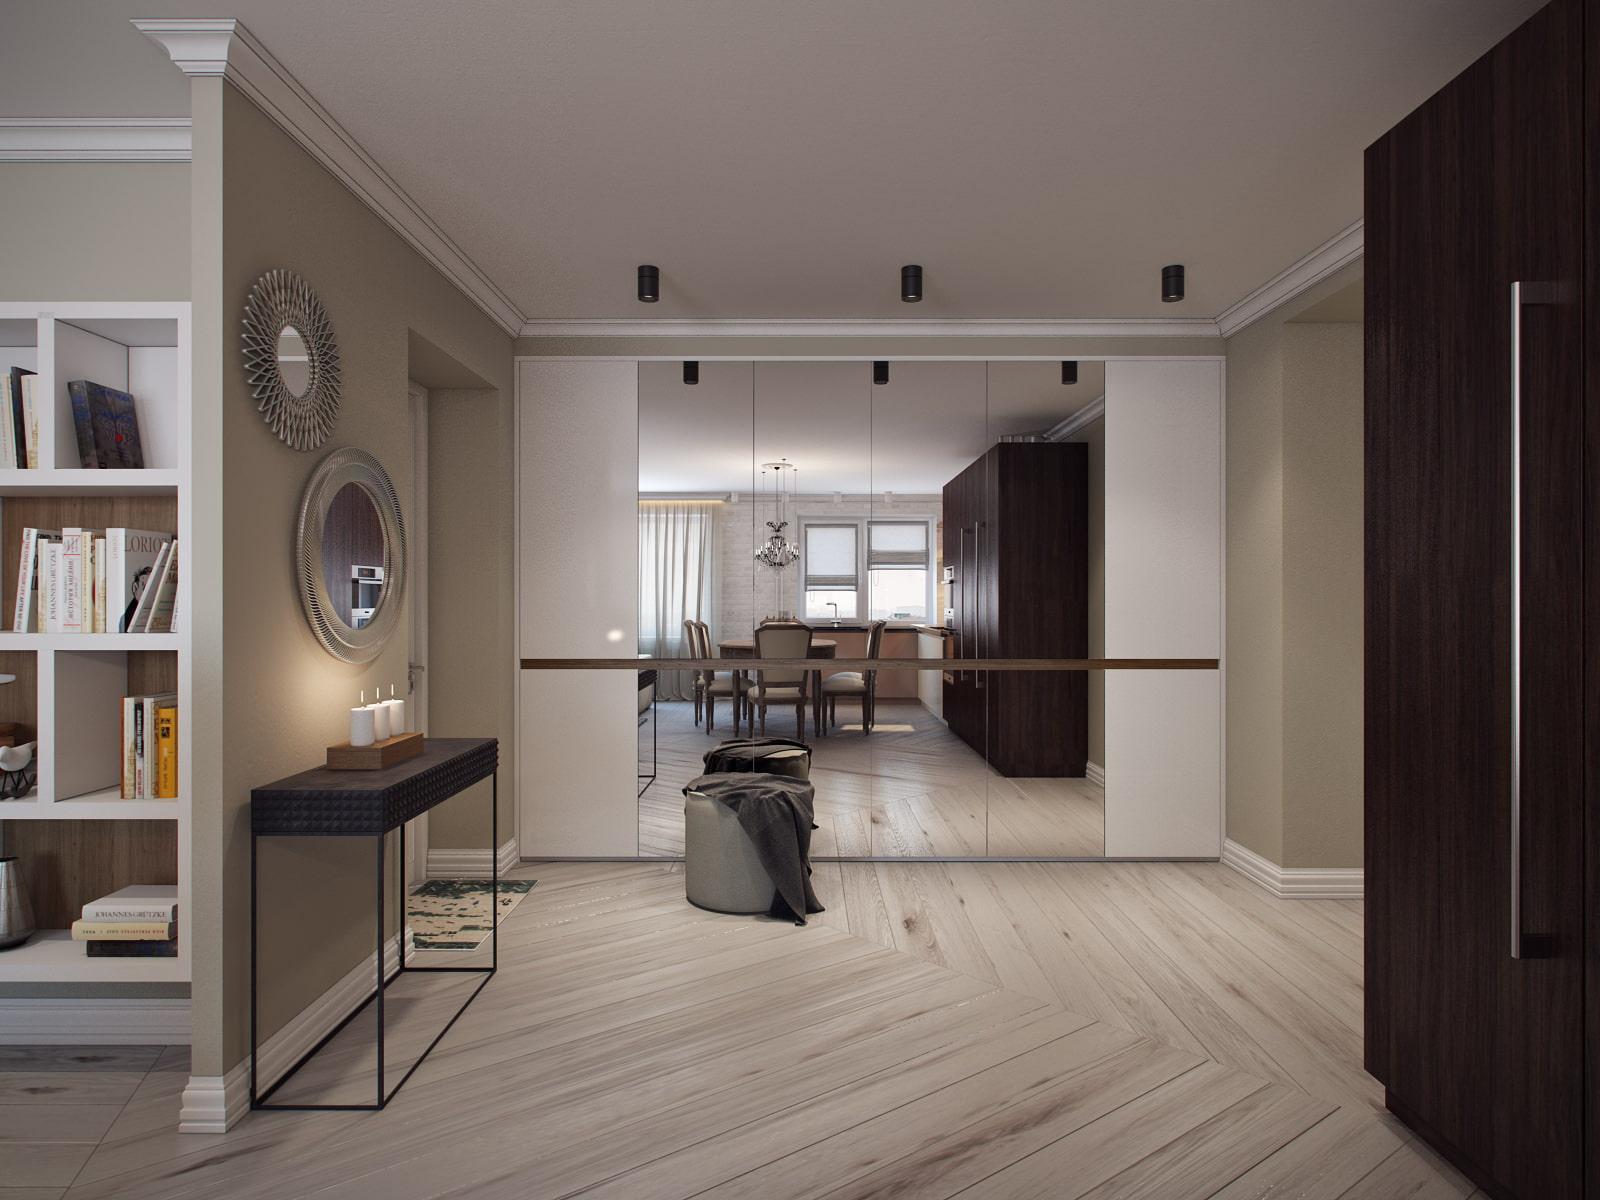 как дизайн совмещенной прихожей гостиной и кухни фото это